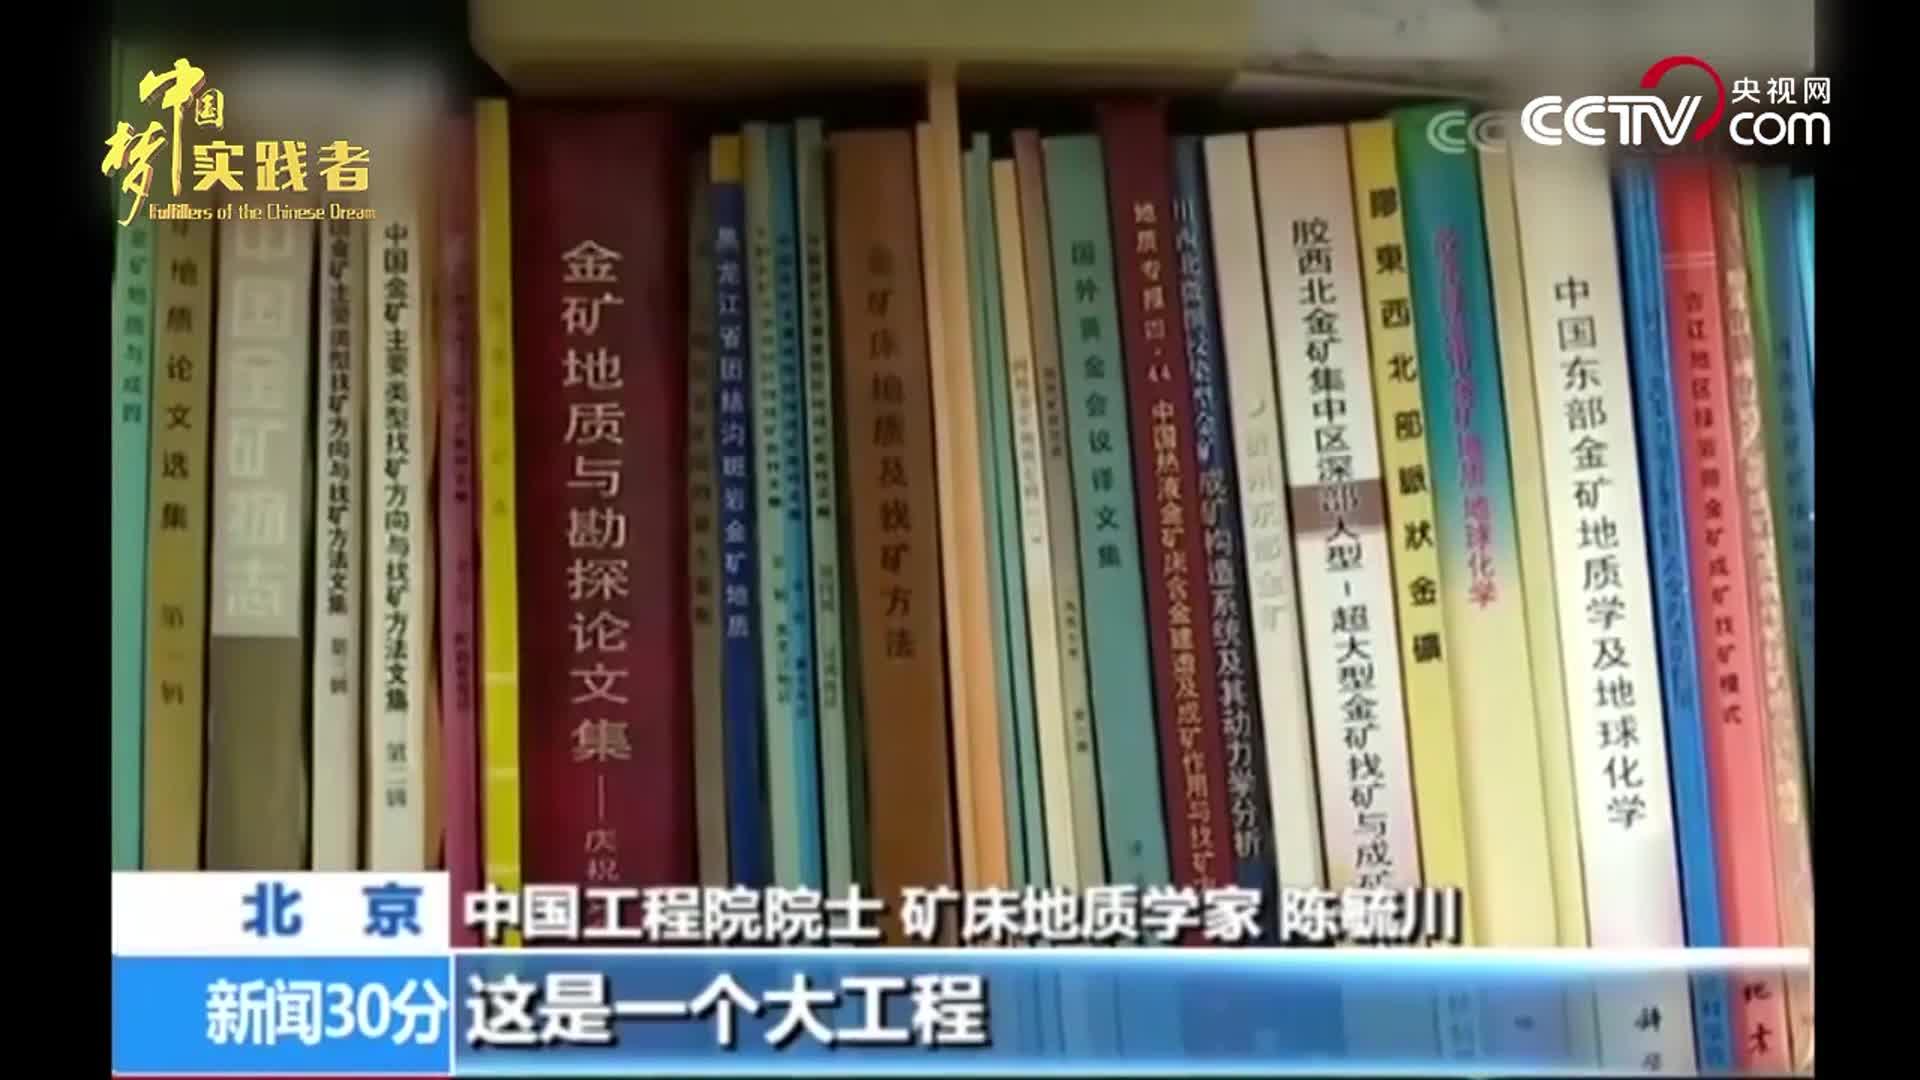 """[视频]陈毓川:发掘""""国家宝藏"""" 耄耋之年忙碌并幸福着"""